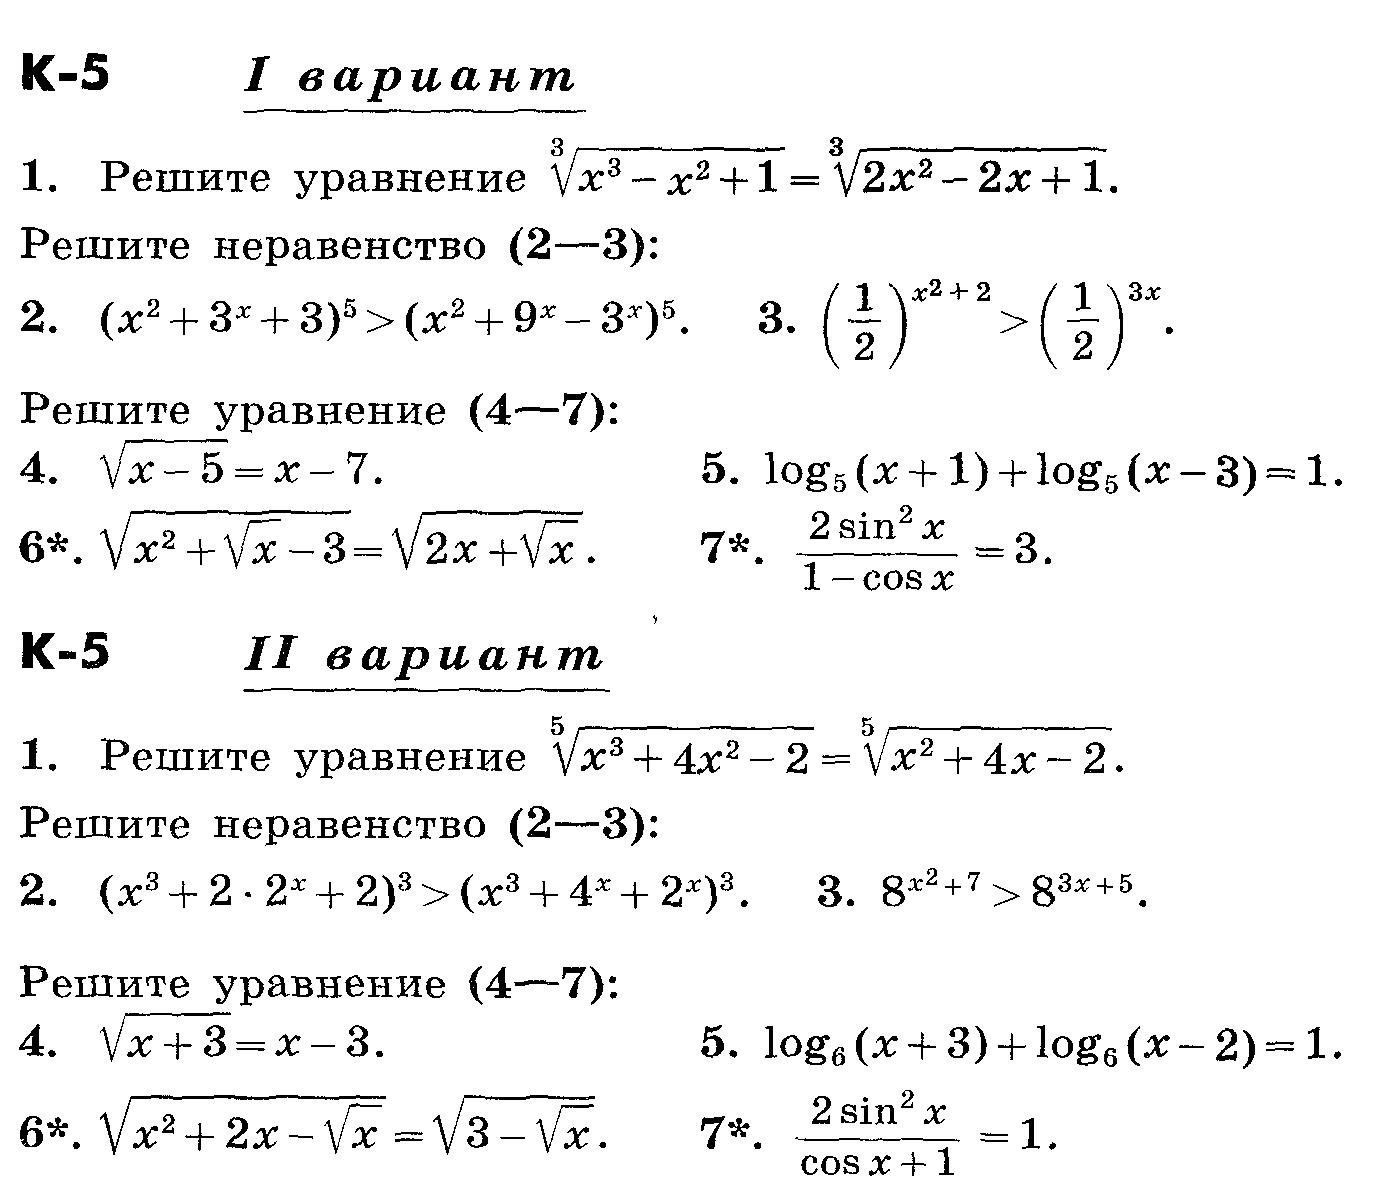 Рабочая программа по алгебре класс Контрольная работа № 5 Равносильность уравнений на множествах hello html 6c3e8325 png